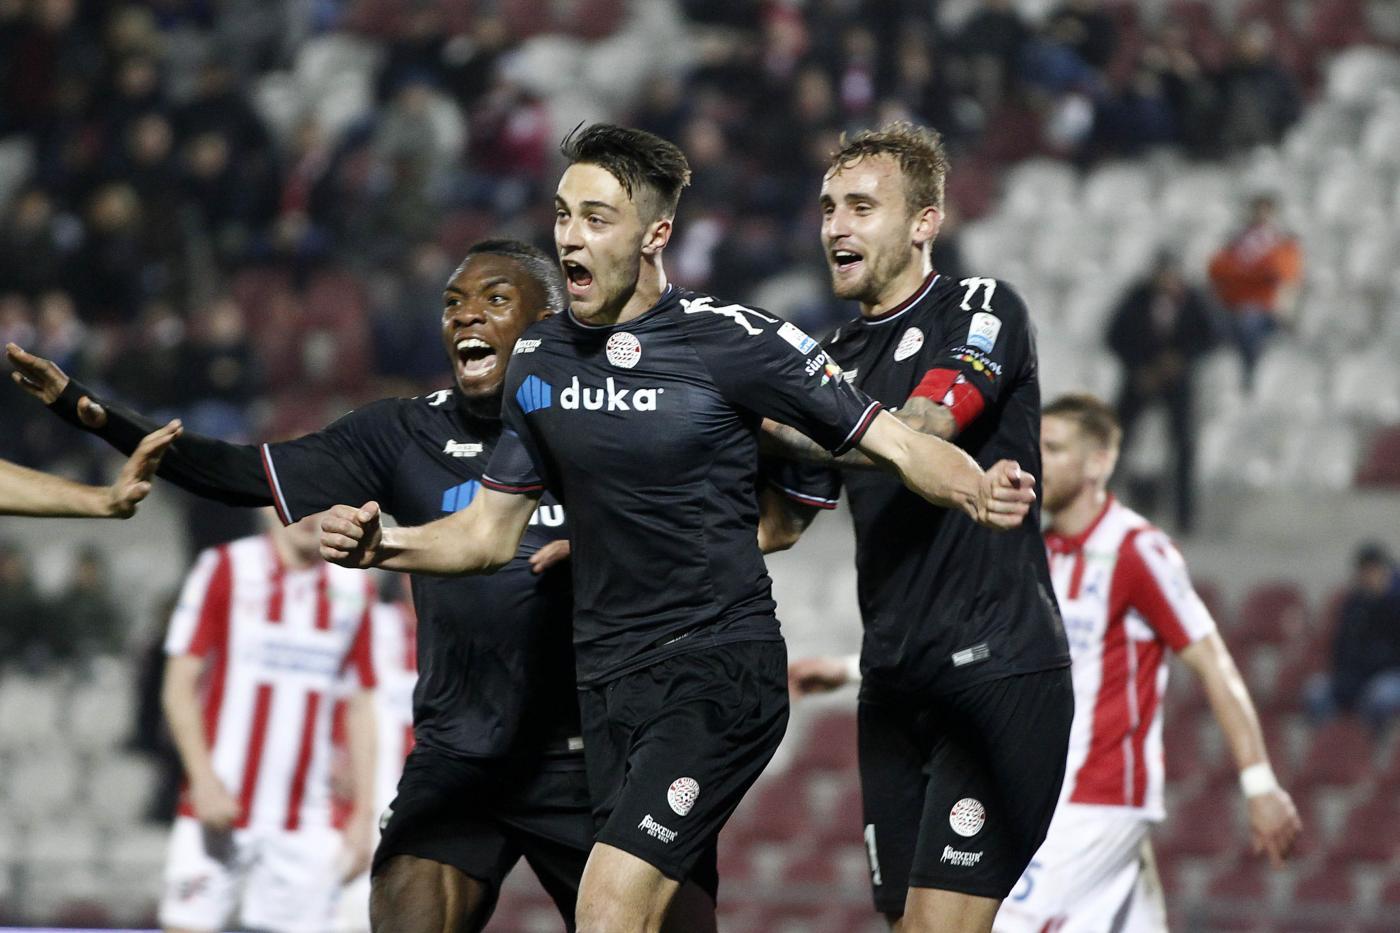 Serie C, Südtirol-Gubbio 16 febbraio: analisi e pronostico della giornata della terza divisione calcistica italiana